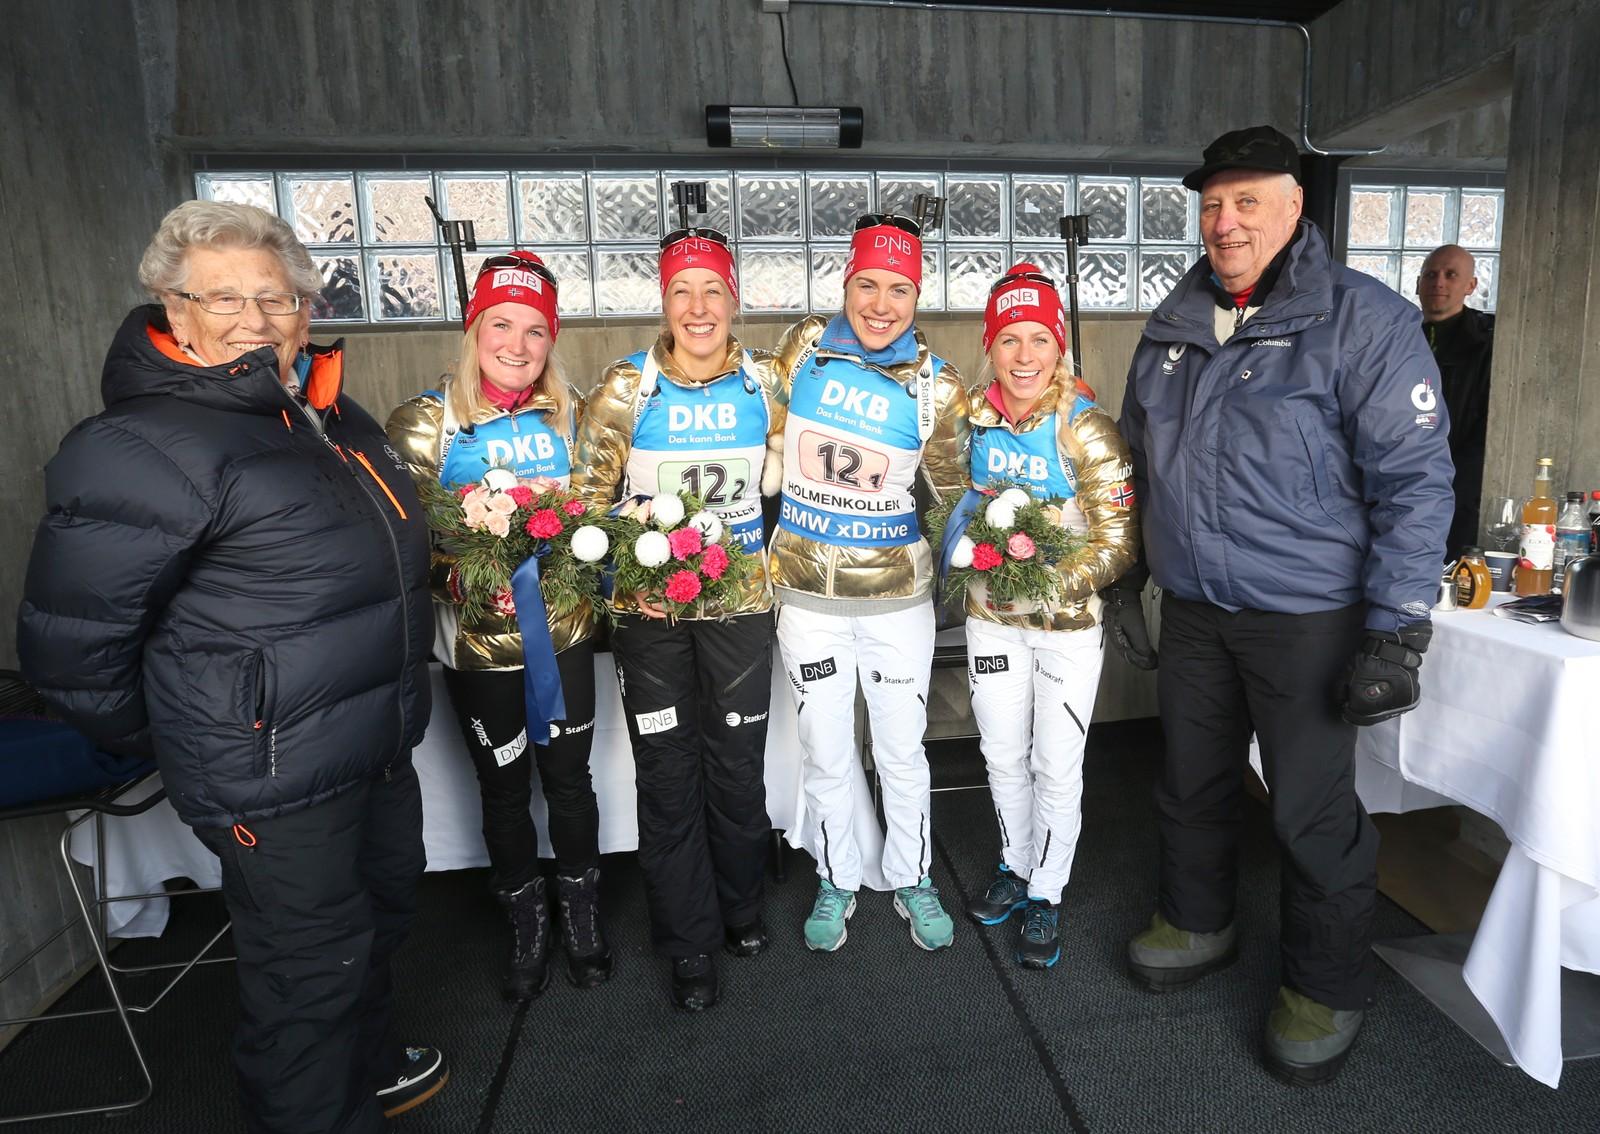 Stafett kvinner VM i skiskyting i Holmenkollen fredag. Kong Harald hilser på gullljentene, fra v. Marte Olsbu, Fanny Horn Birkeland, Synnøve Solemdal og Tiril Eckhoff. T.v Prinsesse Astrid.